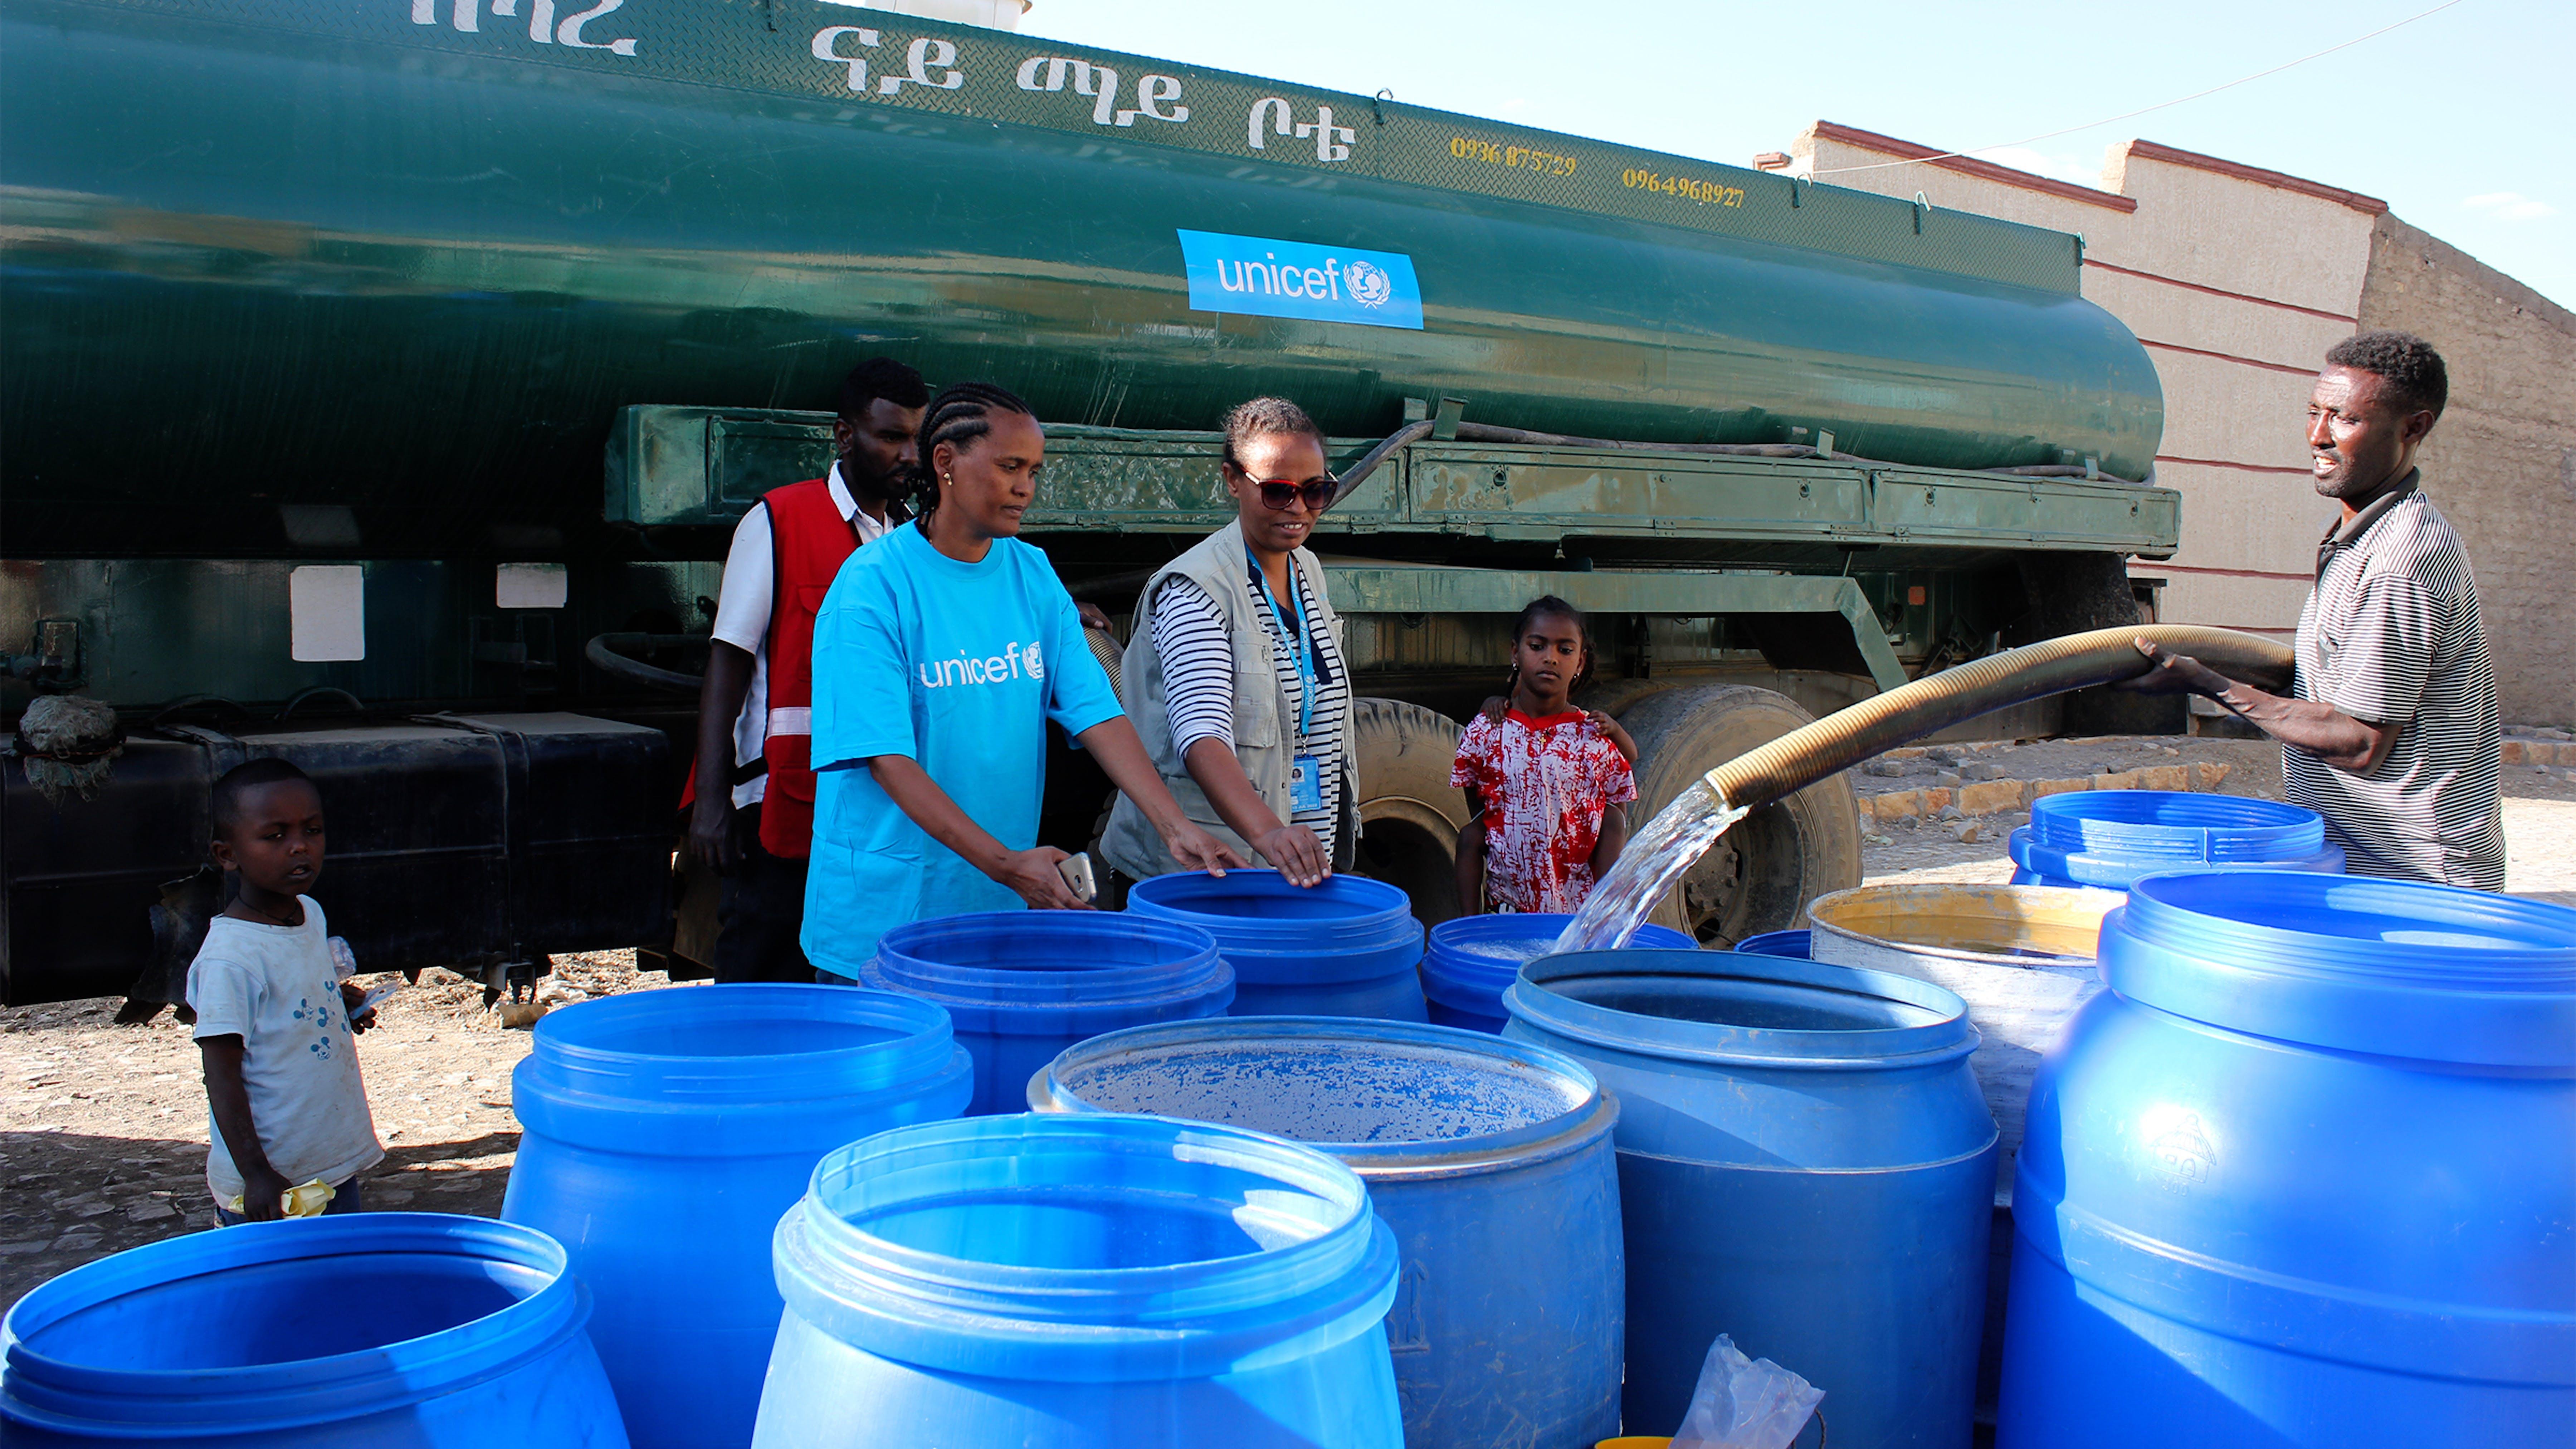 Etiopia: l'UNICEF, in collaborazione con la Ethiopian Red Cross Society, distribuisce l'acqua alla comunità di Mekelle